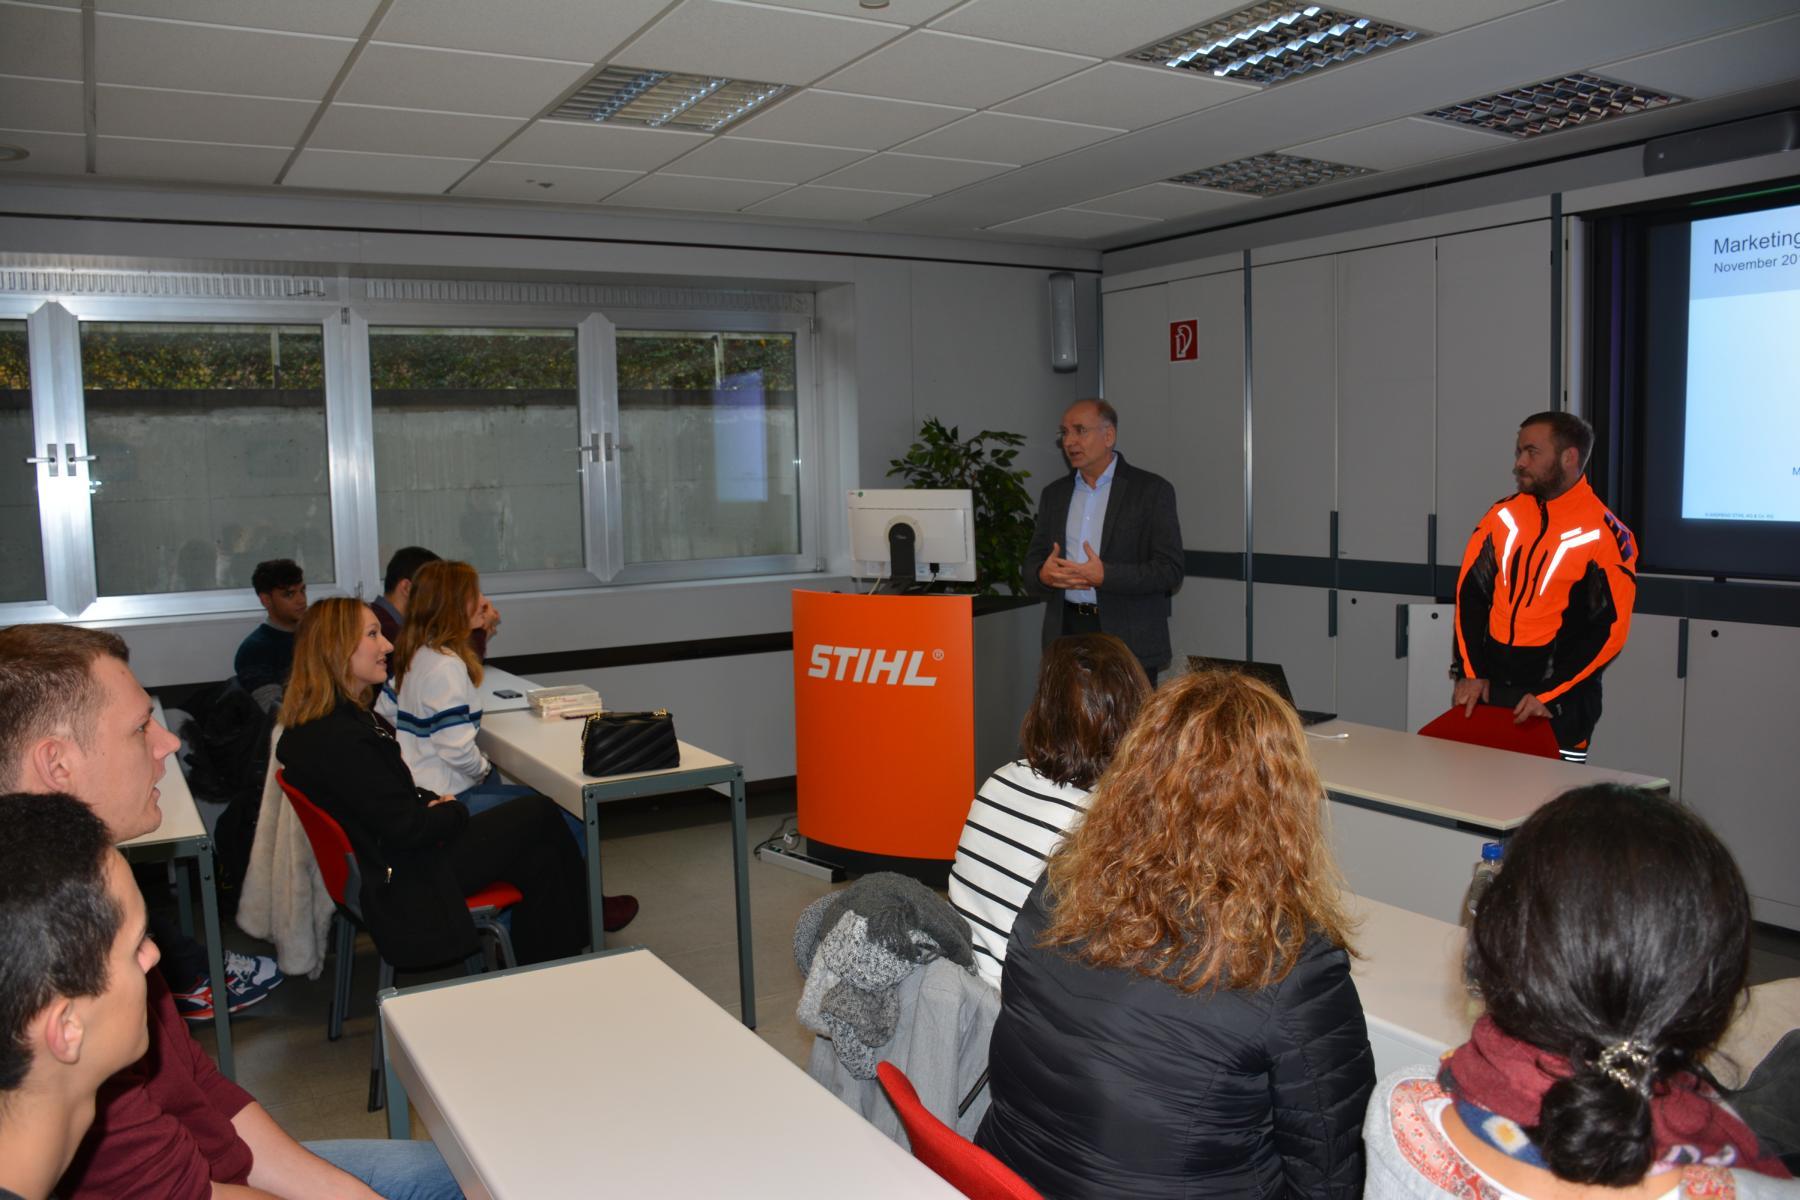 Besuch bei Andreas Stihl, Begrüßung Dr. Iber (Geschäftsführer Stihl Spanien)